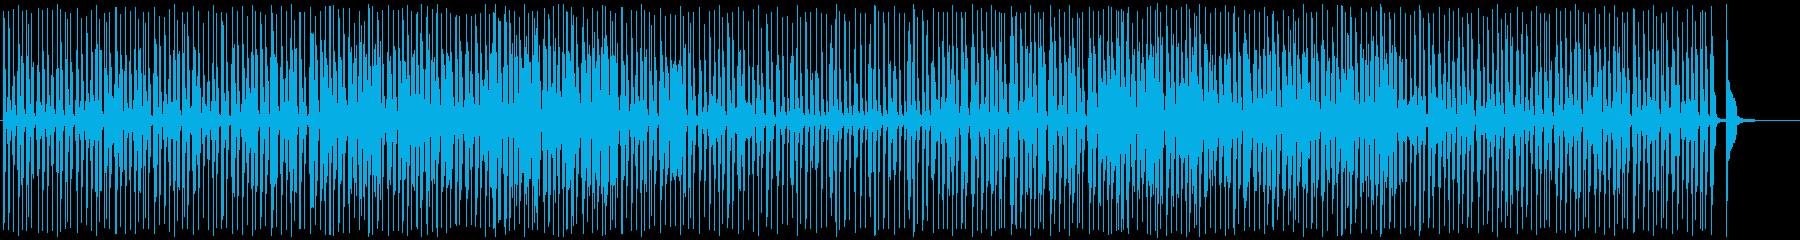 お日様ぽかぽかトランペットジャズの再生済みの波形